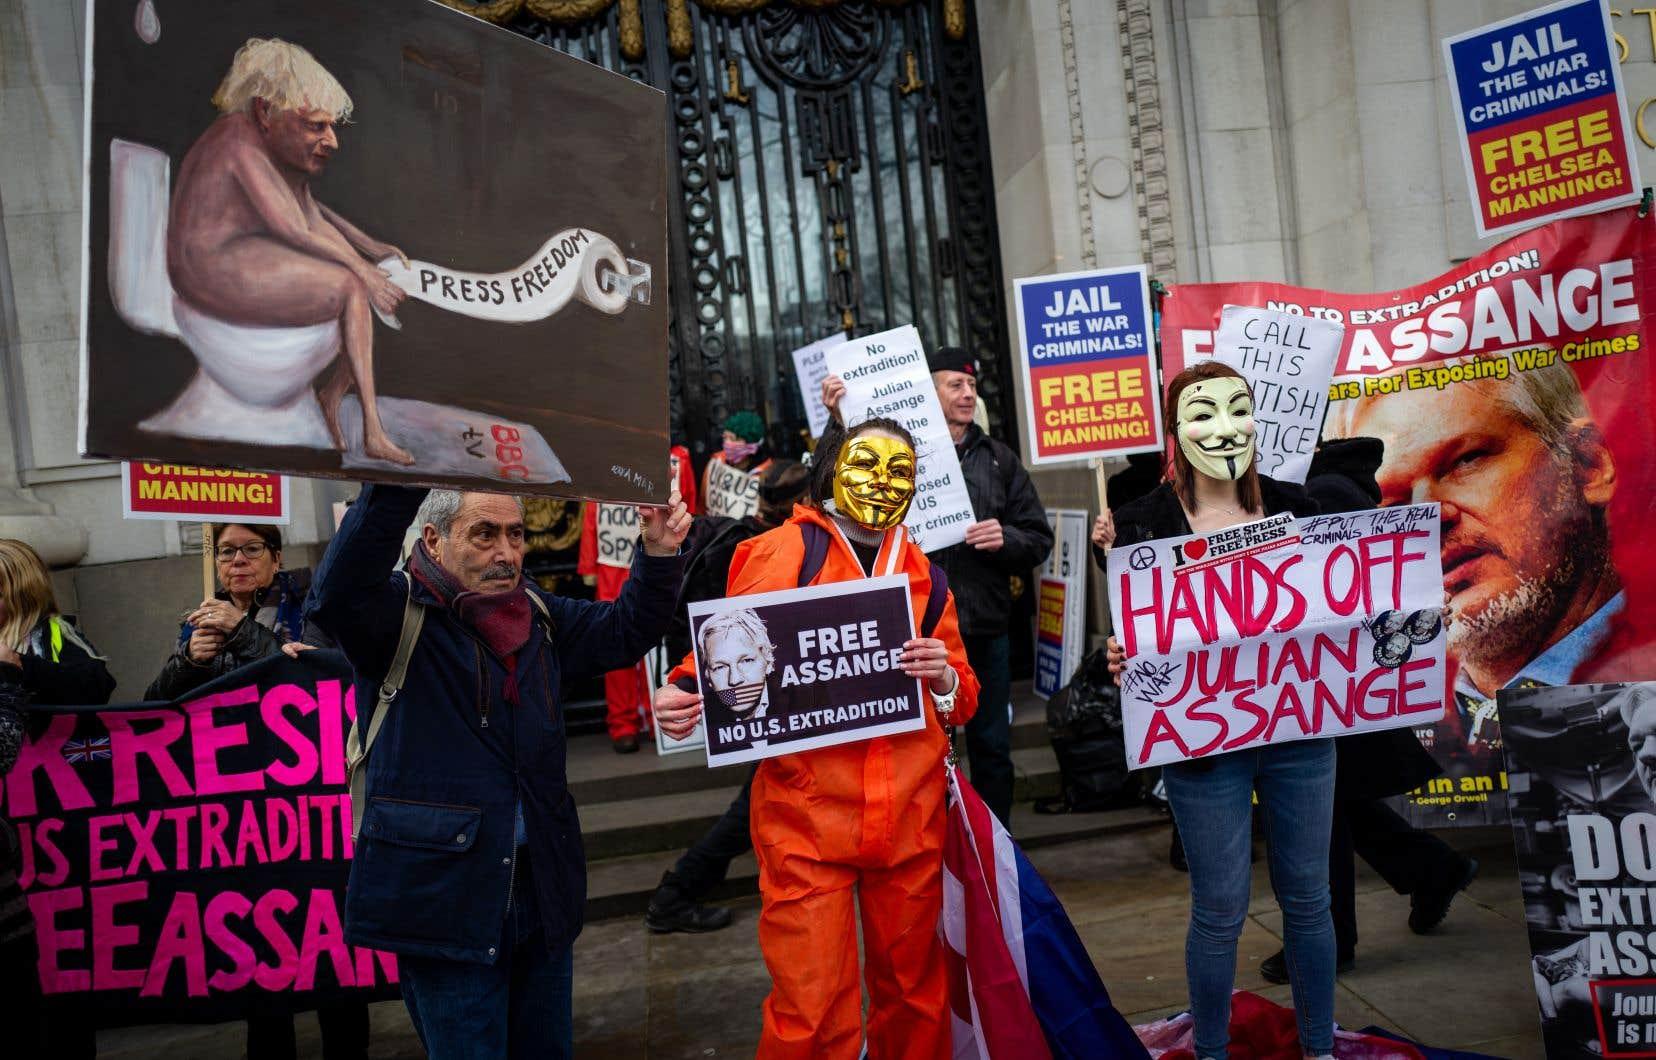 Samedi, une manifestation en appui à Julian Assange s'est déroulée à proximité de l'ambassade australienne, à Londres.